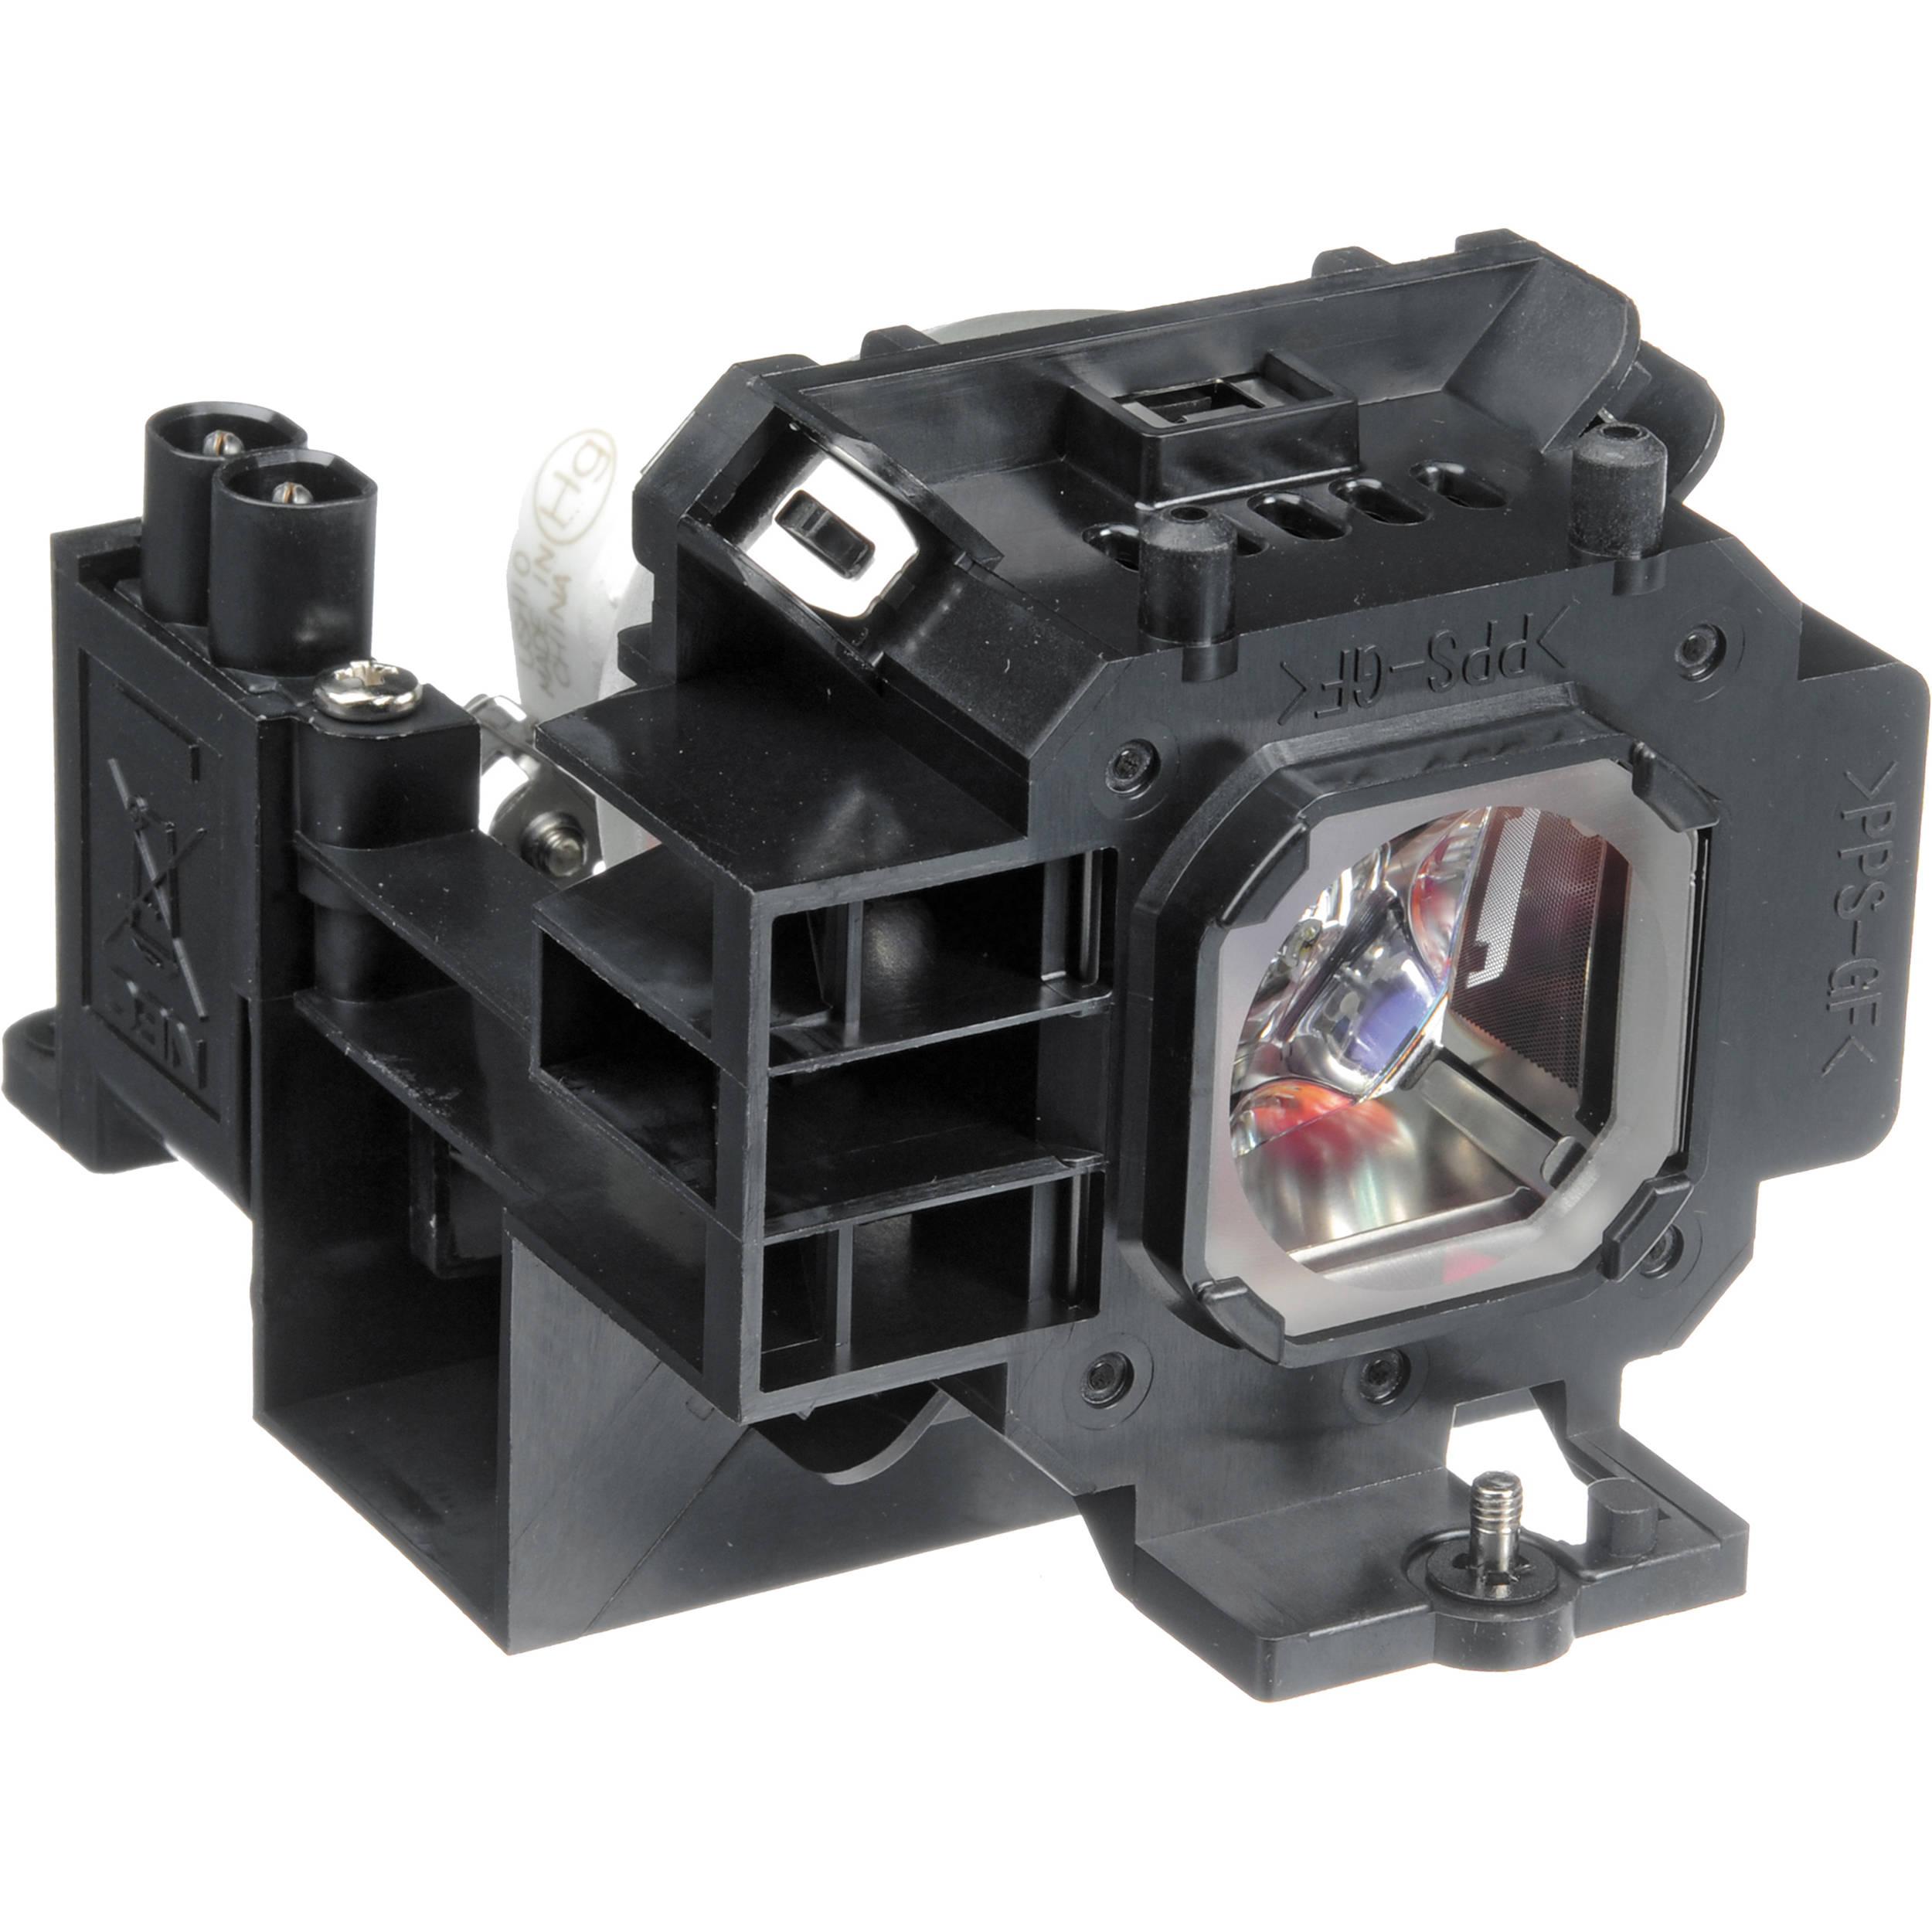 NEC NP-07LP Projector Lamp NP-07LP B&H Photo Video